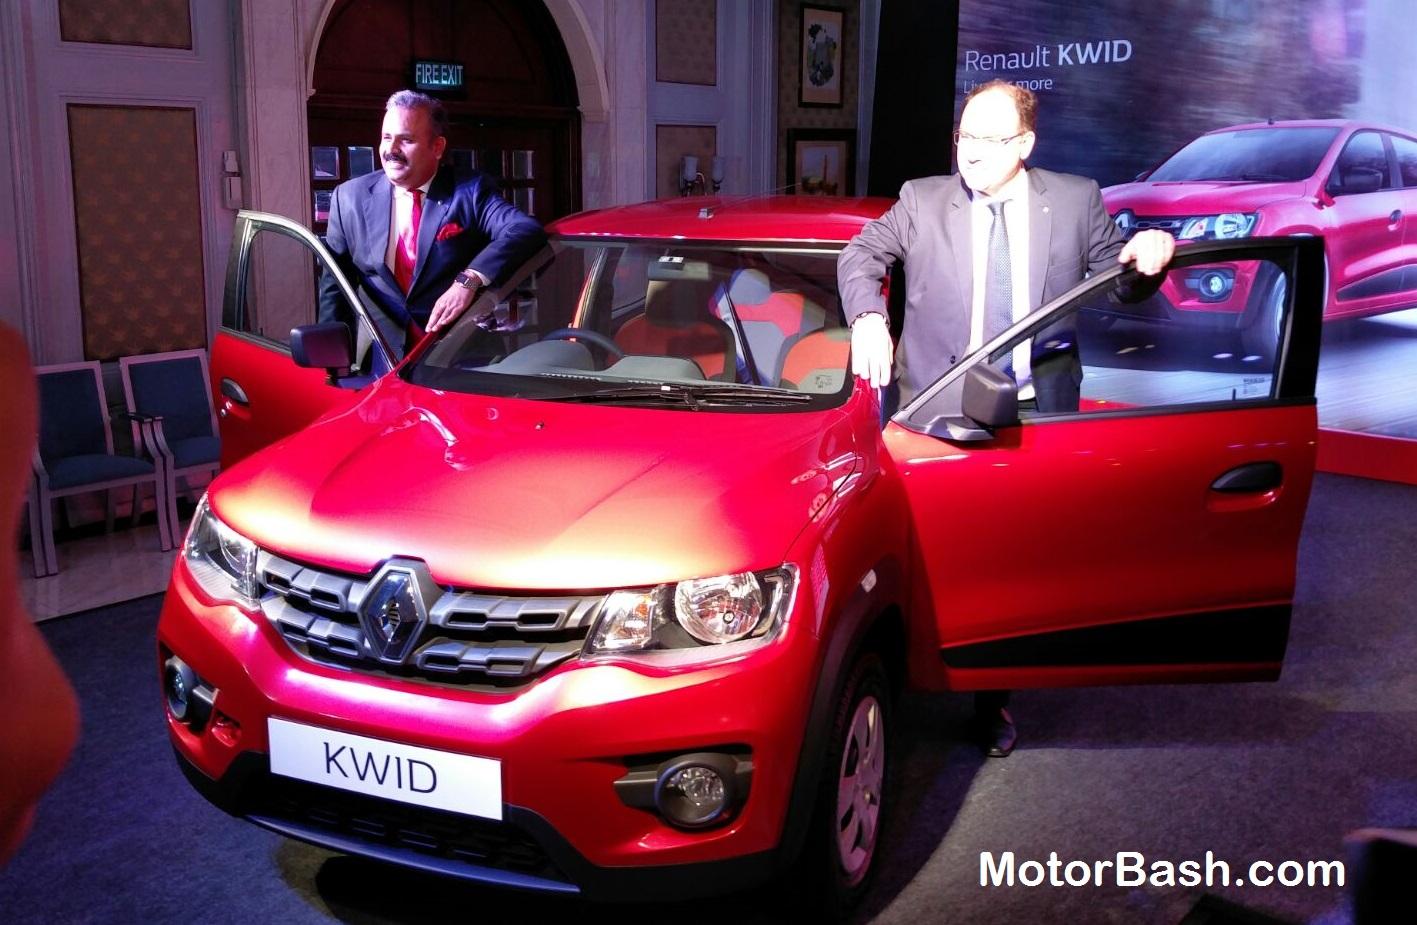 Renault-kwid-Launch